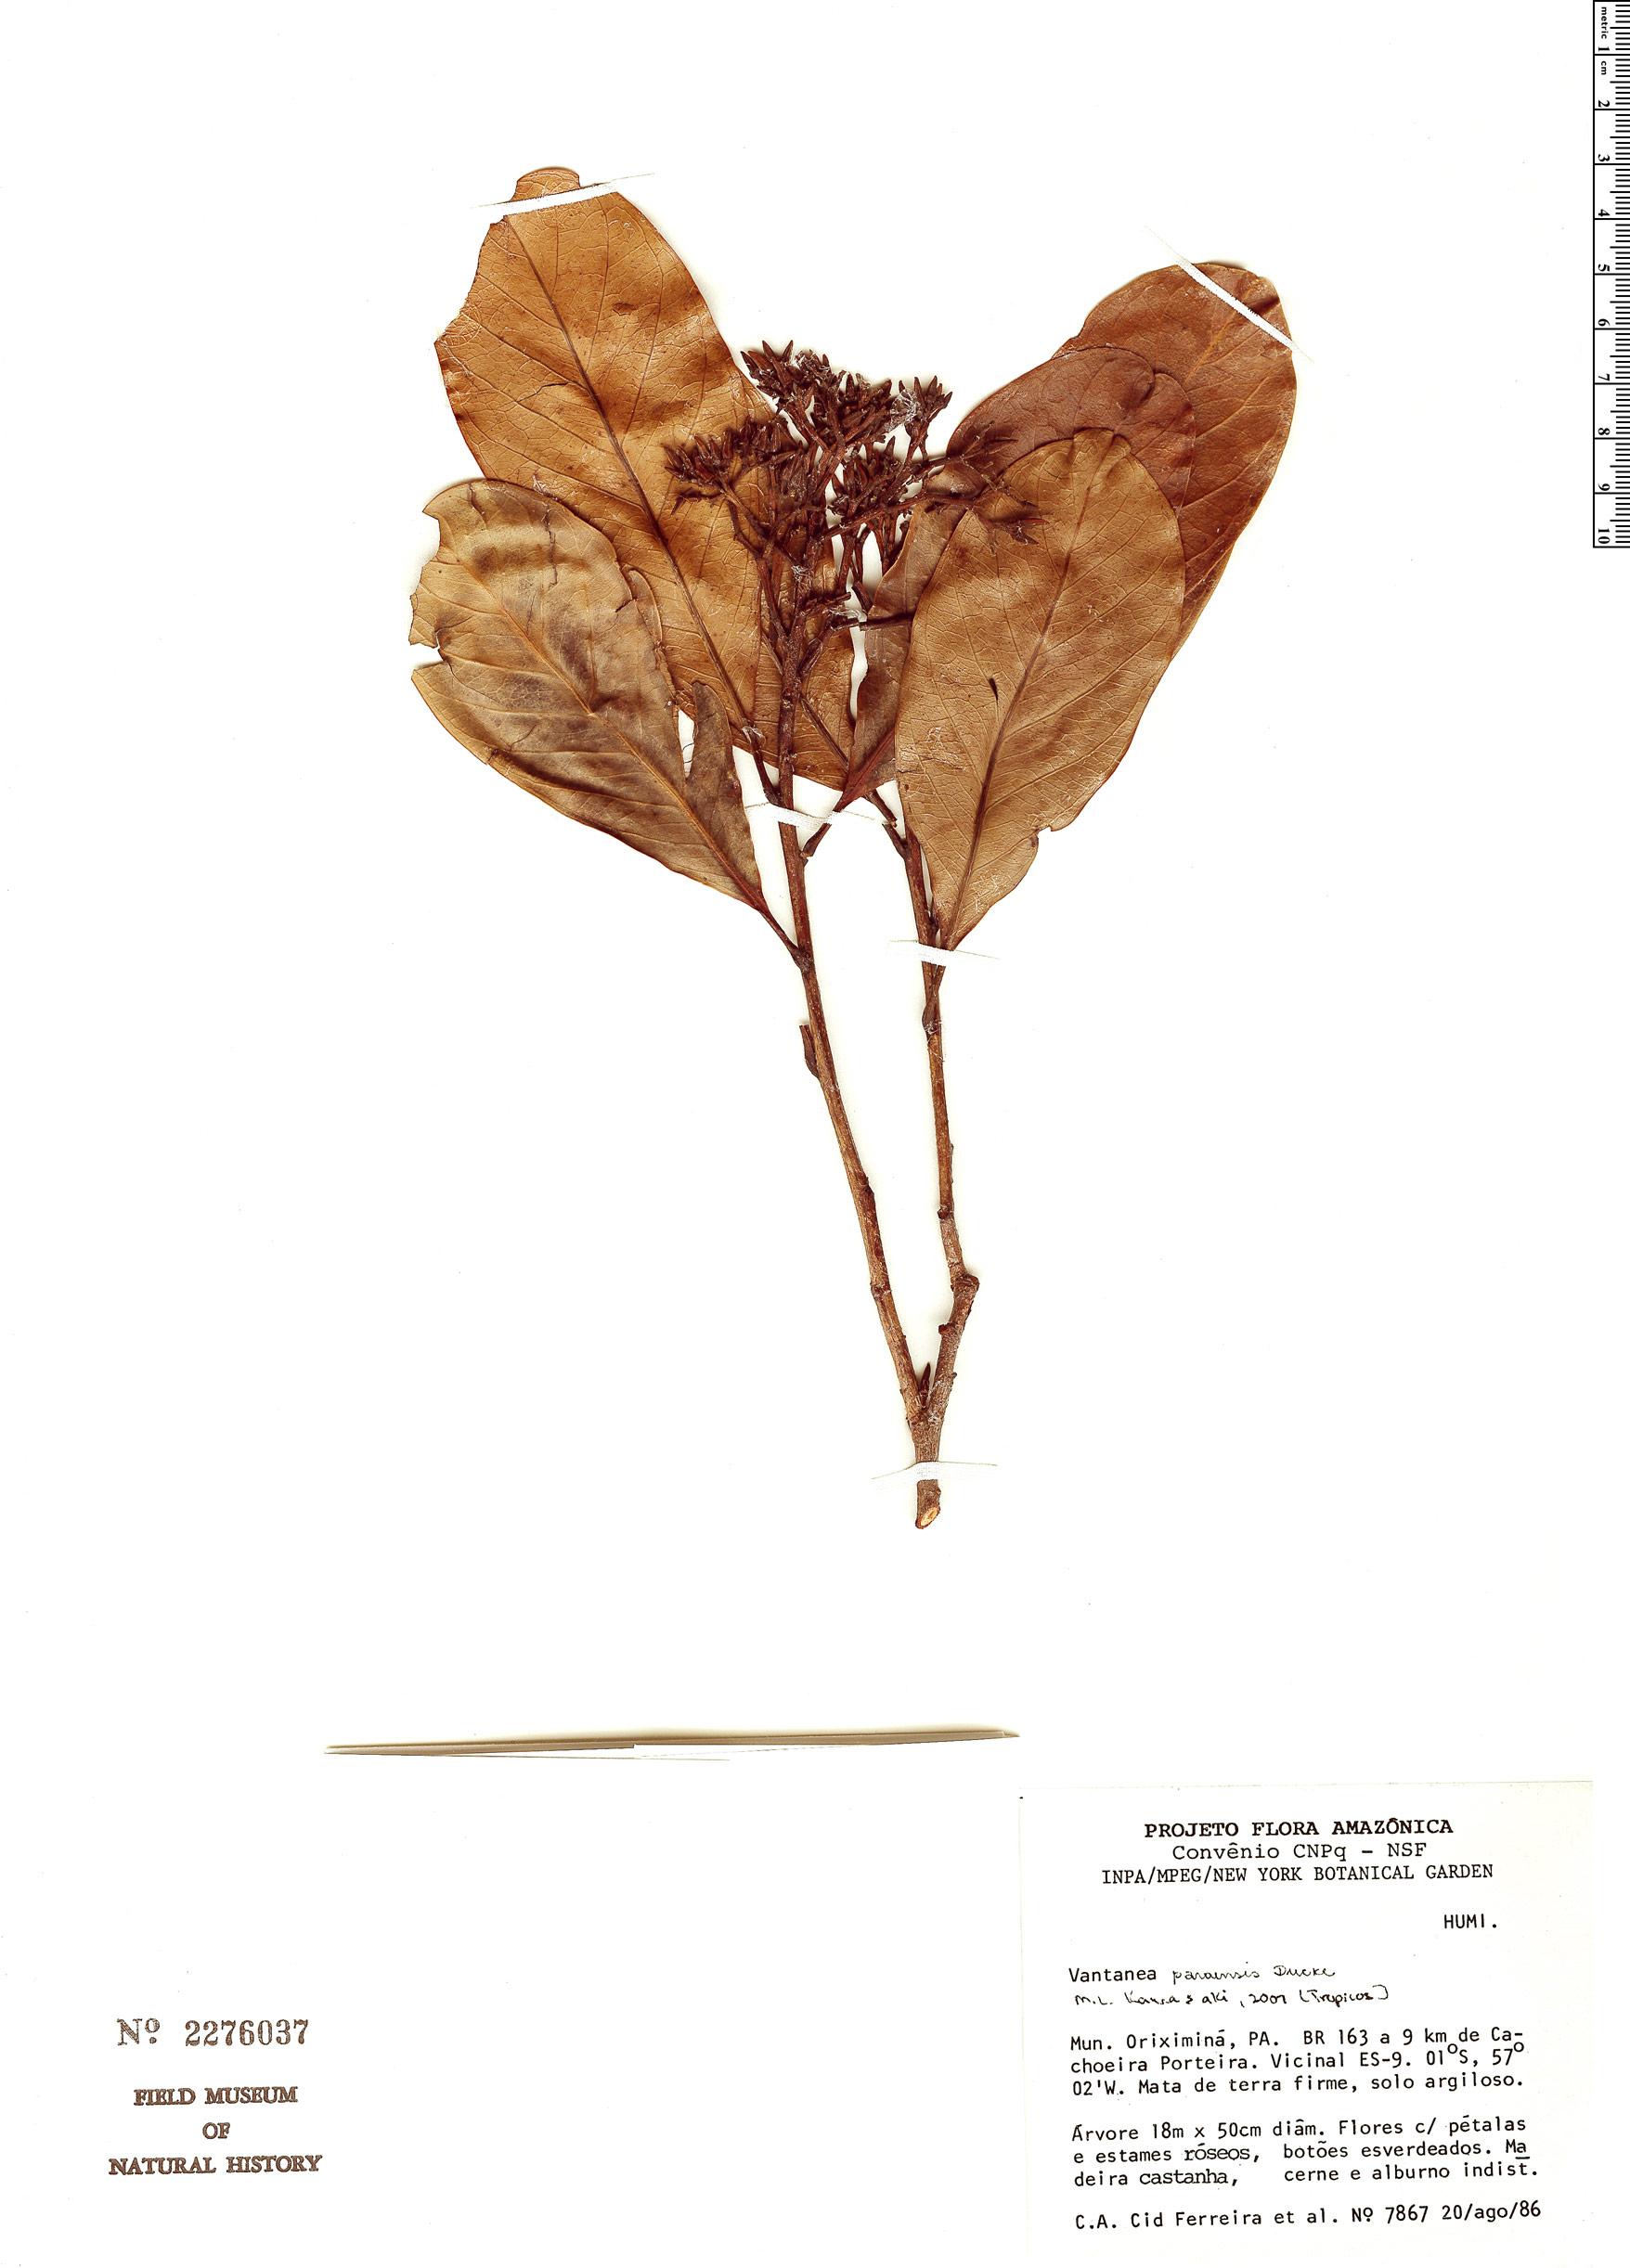 Specimen: Vantanea paraensis